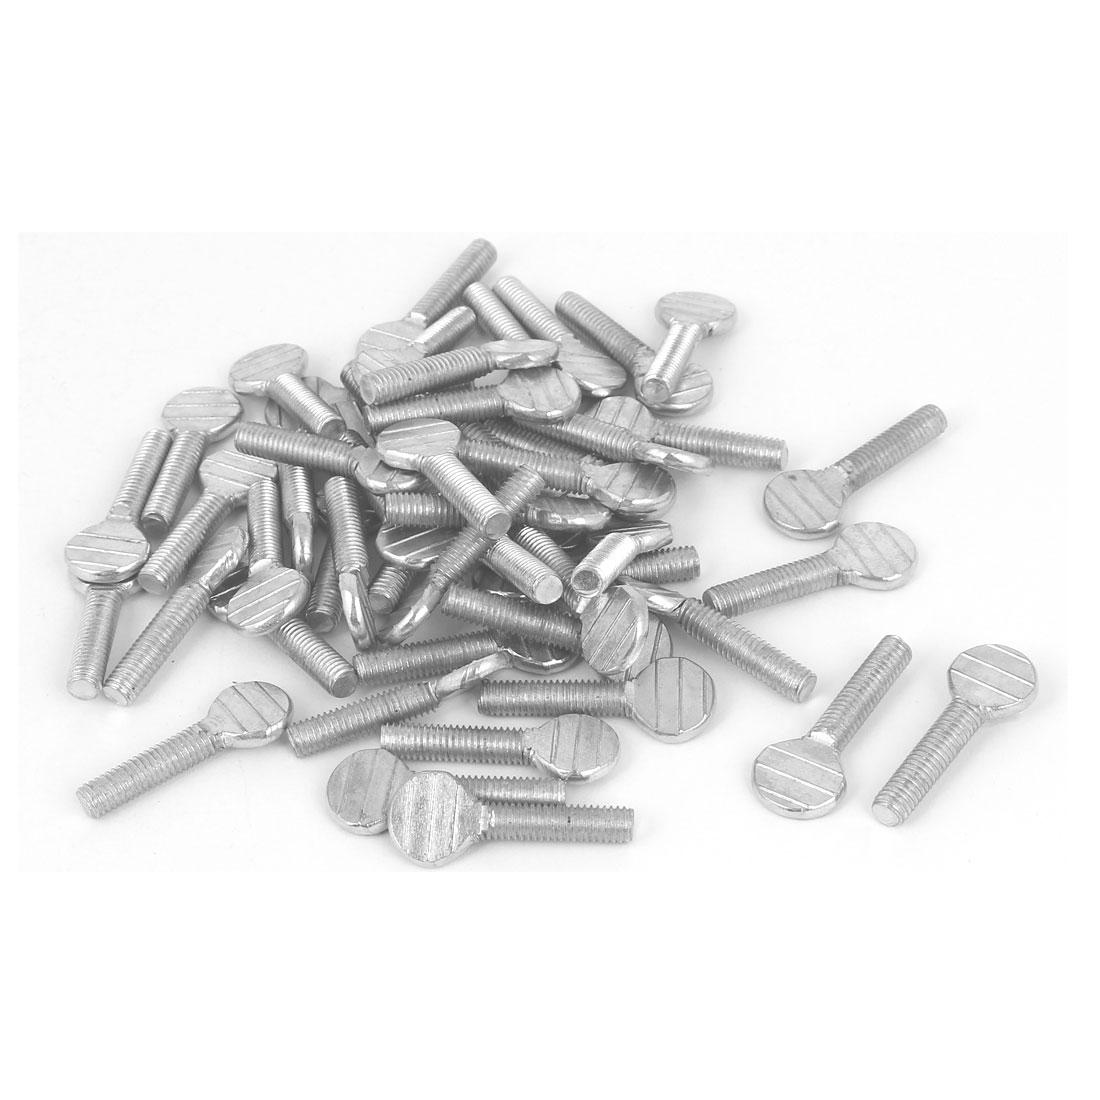 M5 x 20mm Machine Threaded Carbon Steel Racket Thumb Screws Bolts 50 Pcs